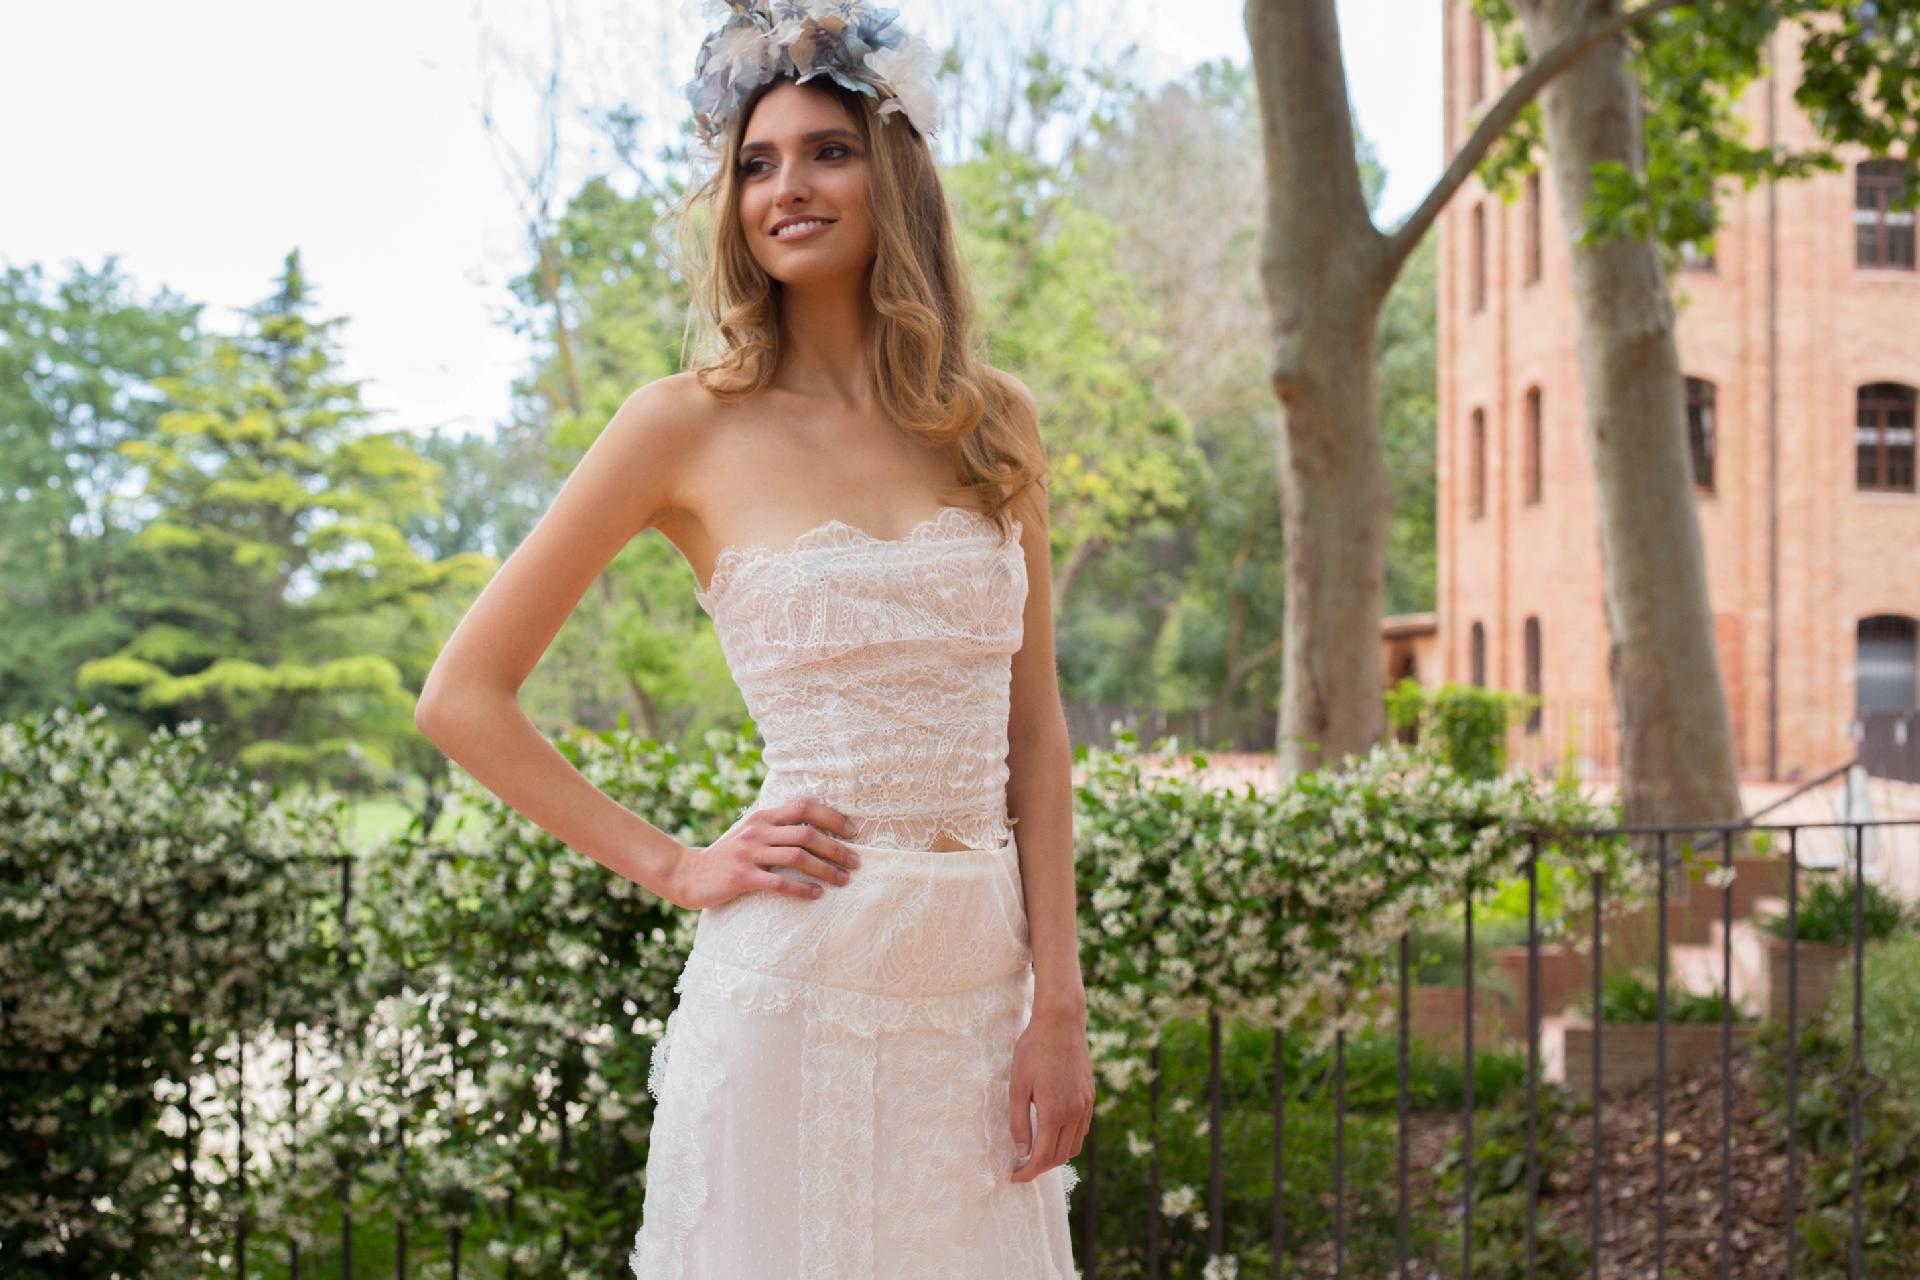 Cuerpo de encaje con escote corazón vestido de novia IO